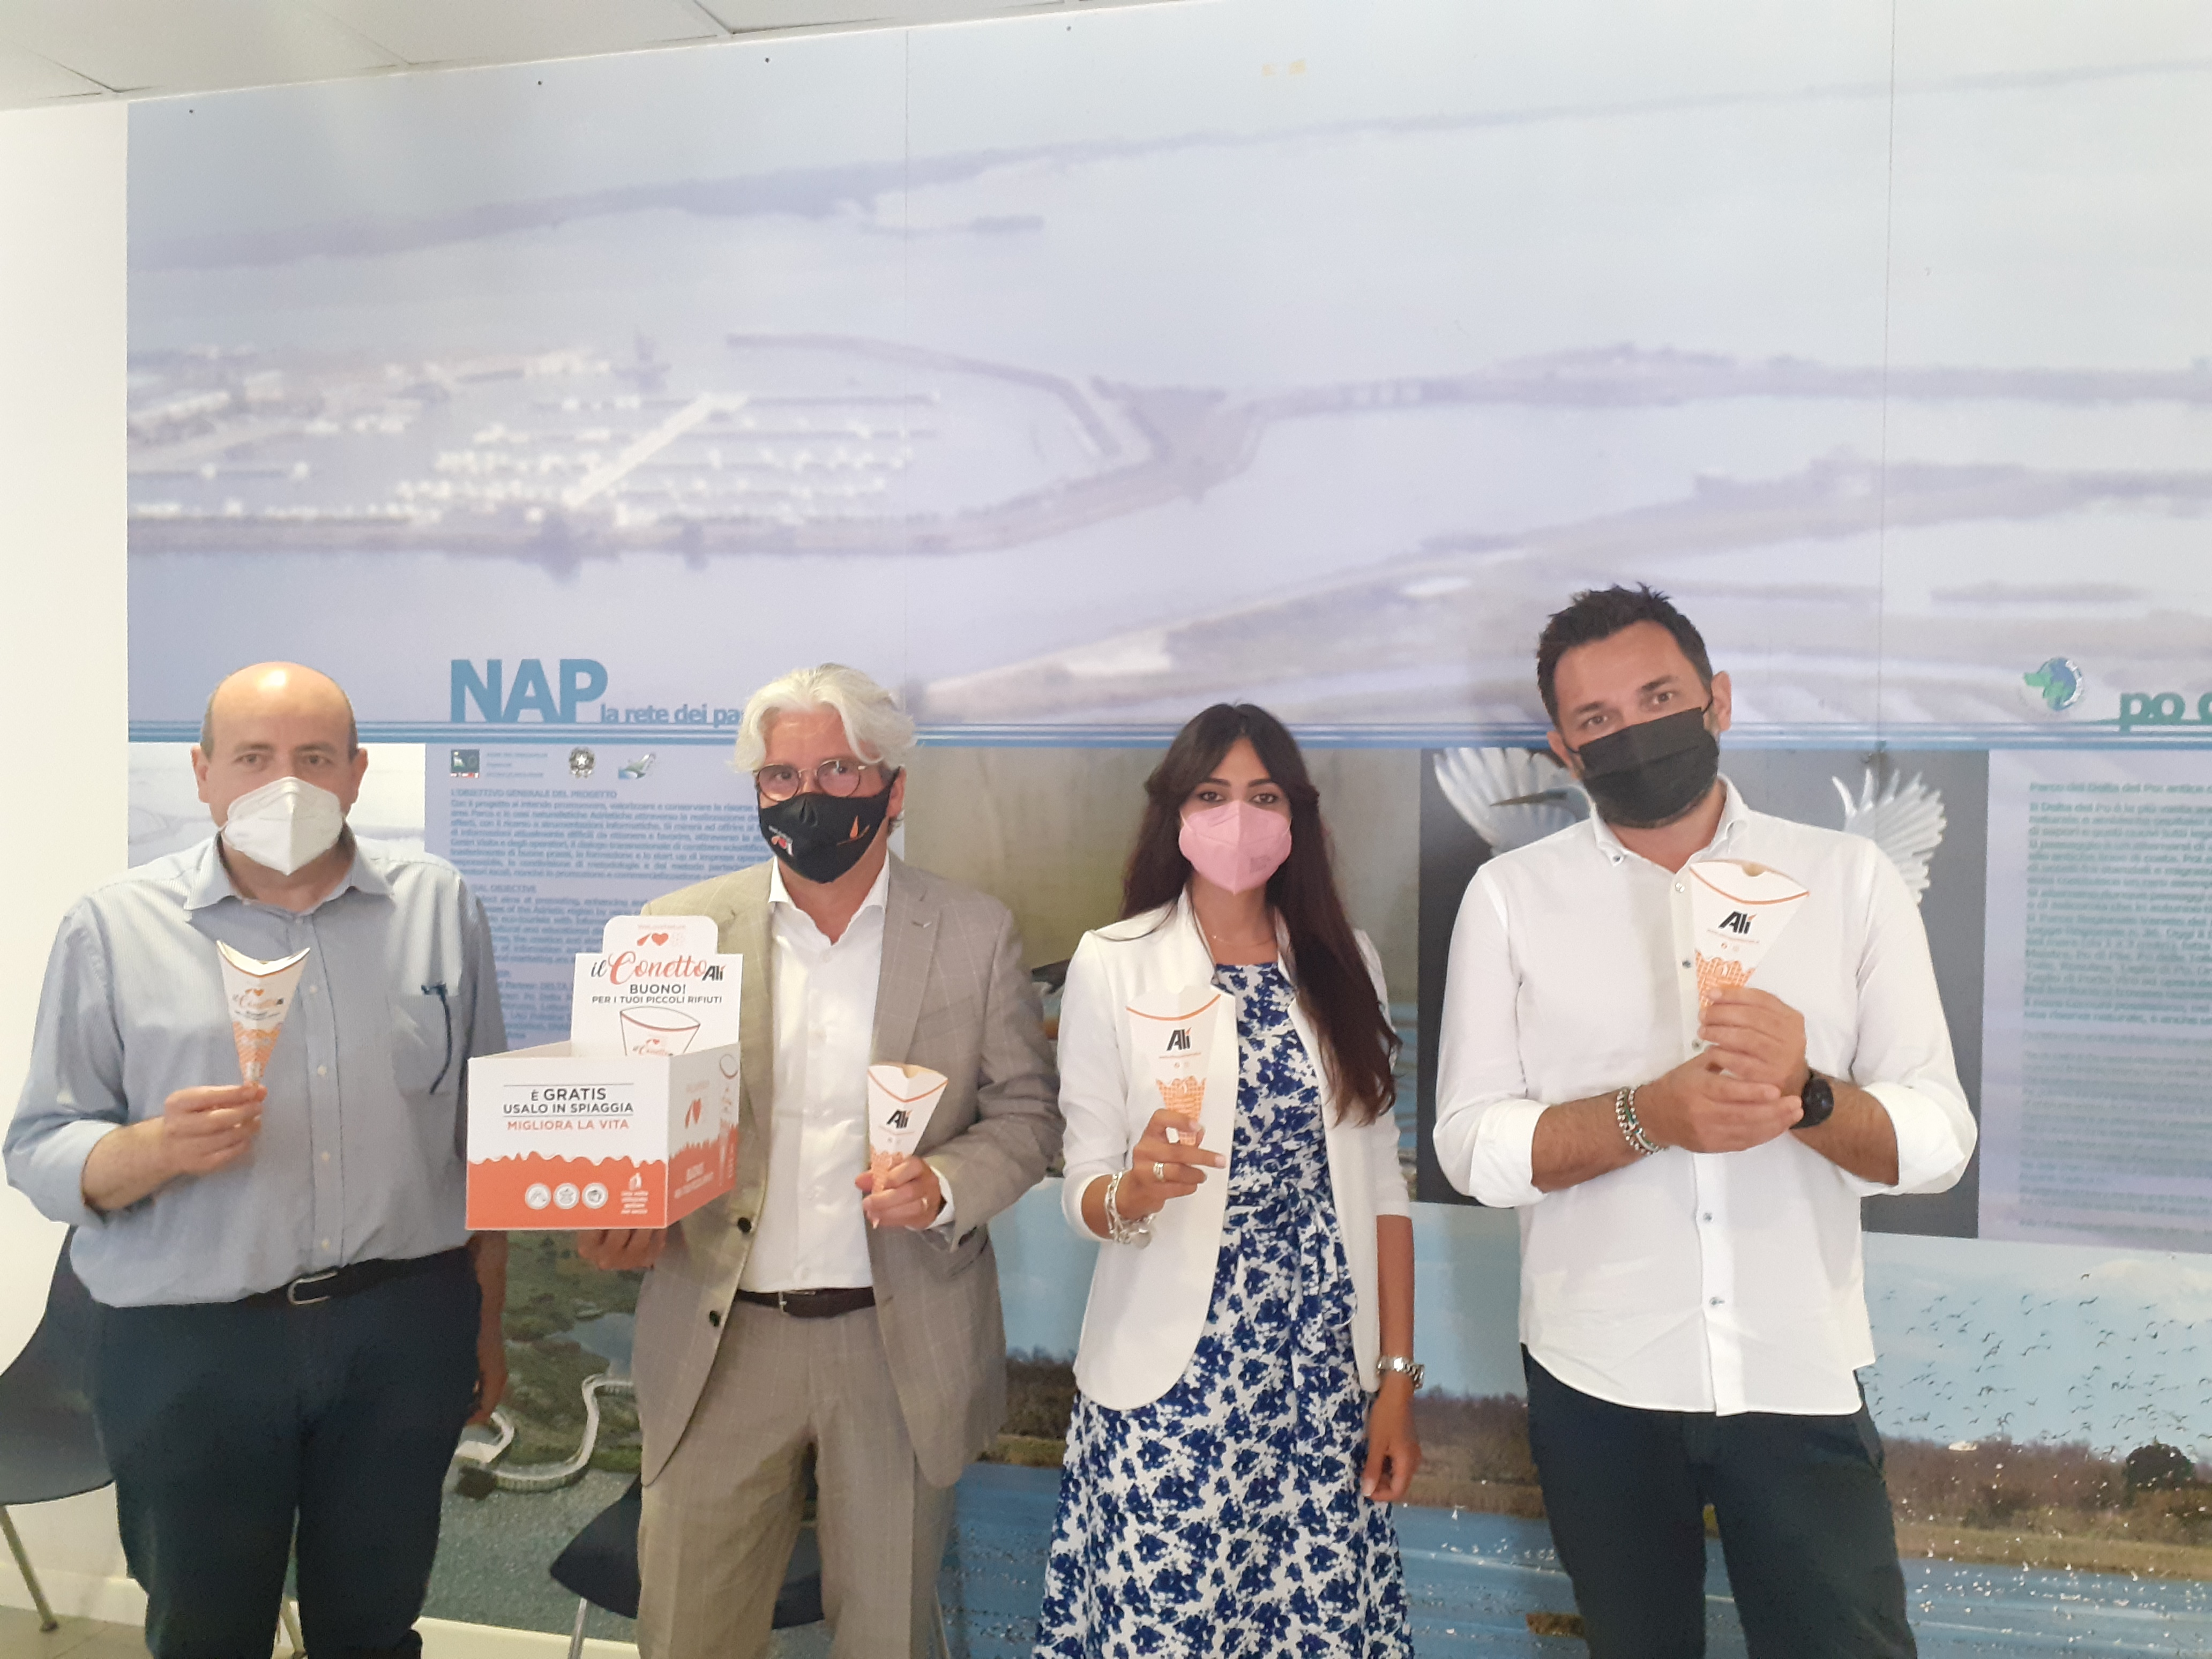 Ai lidi rodigini arriva l'iniziativa che consentirà di preservare le spiagge dall'abbandono dei piccoli rifiuti